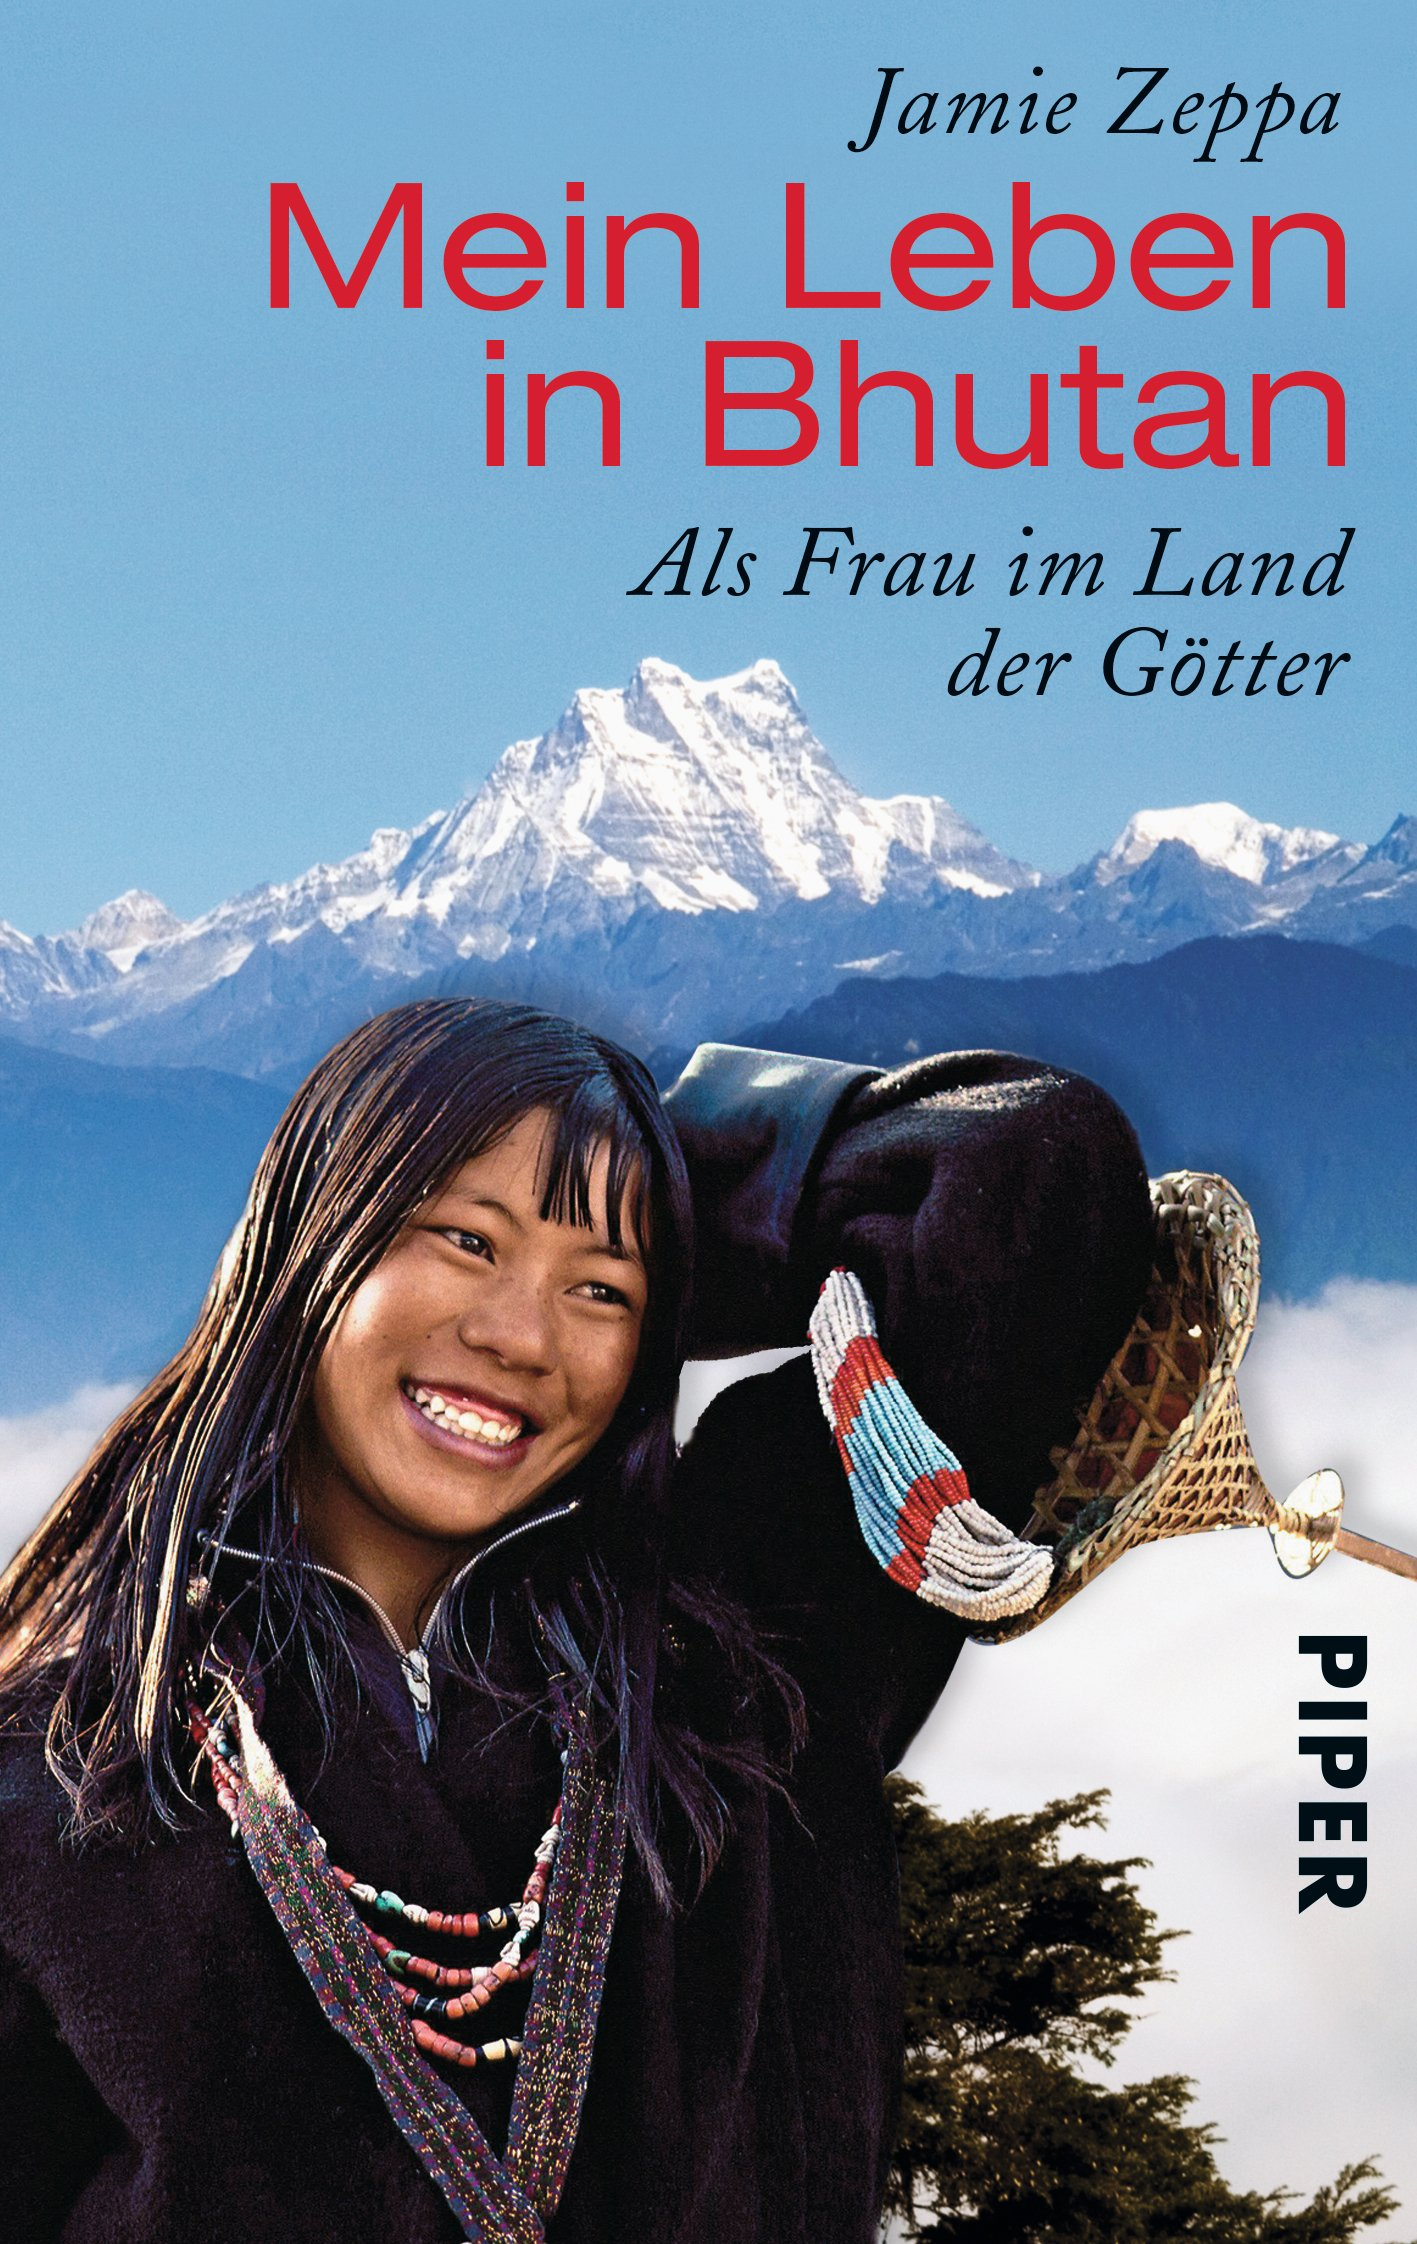 Mein Leben in Bhutan: Als Frau im Land der Götter